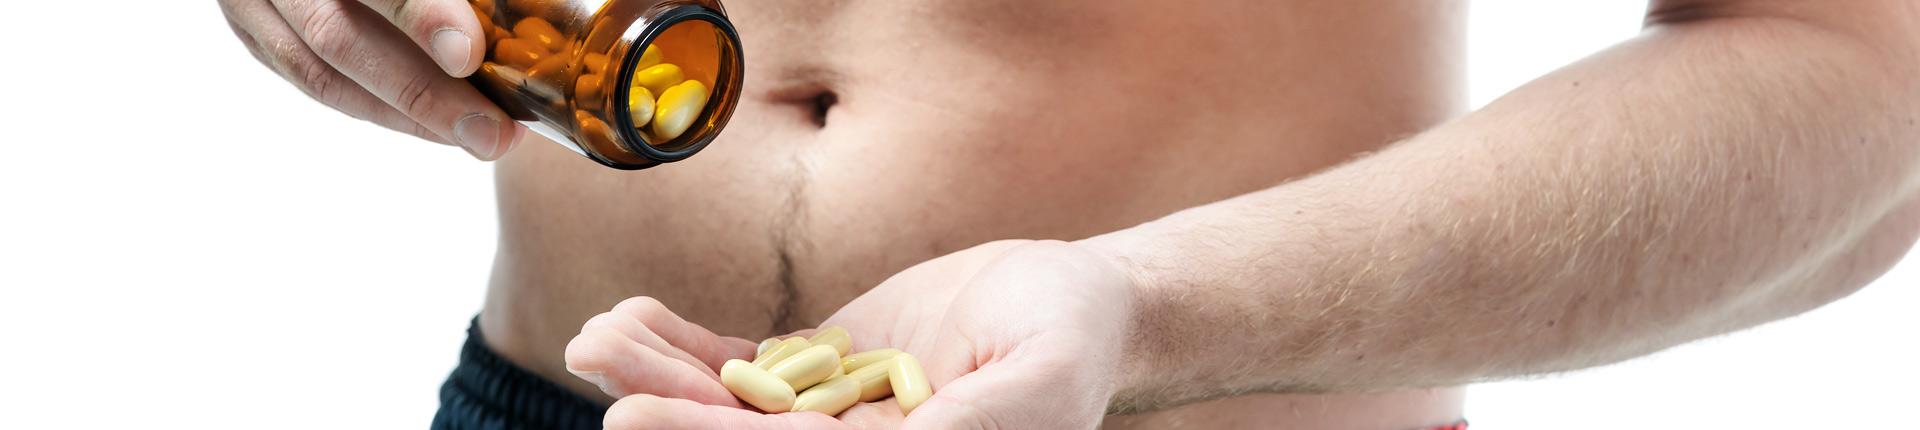 10 produktów wspomagających wrażliwość insulinową